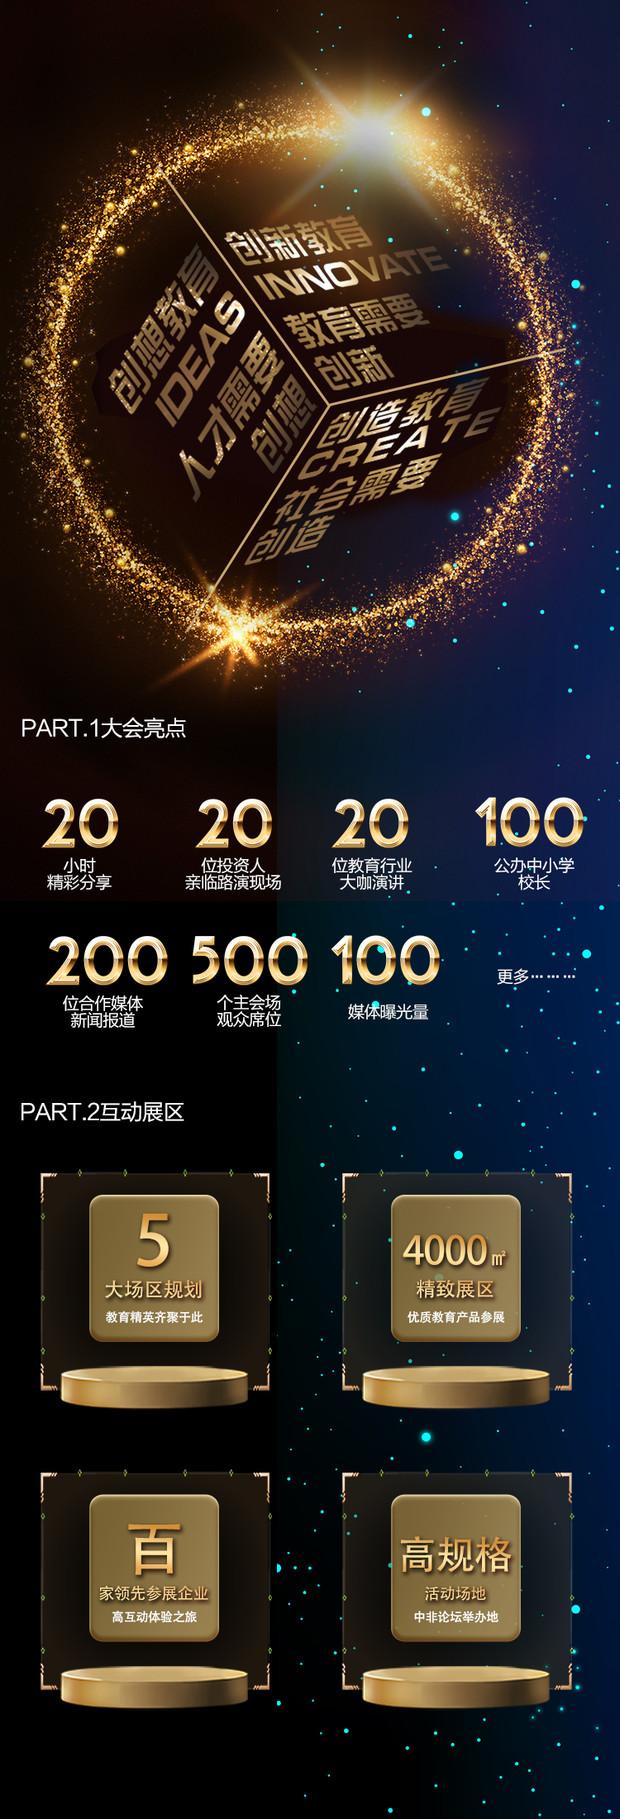 """2018教育科技峰会暨""""金帆奖""""教育盛典"""